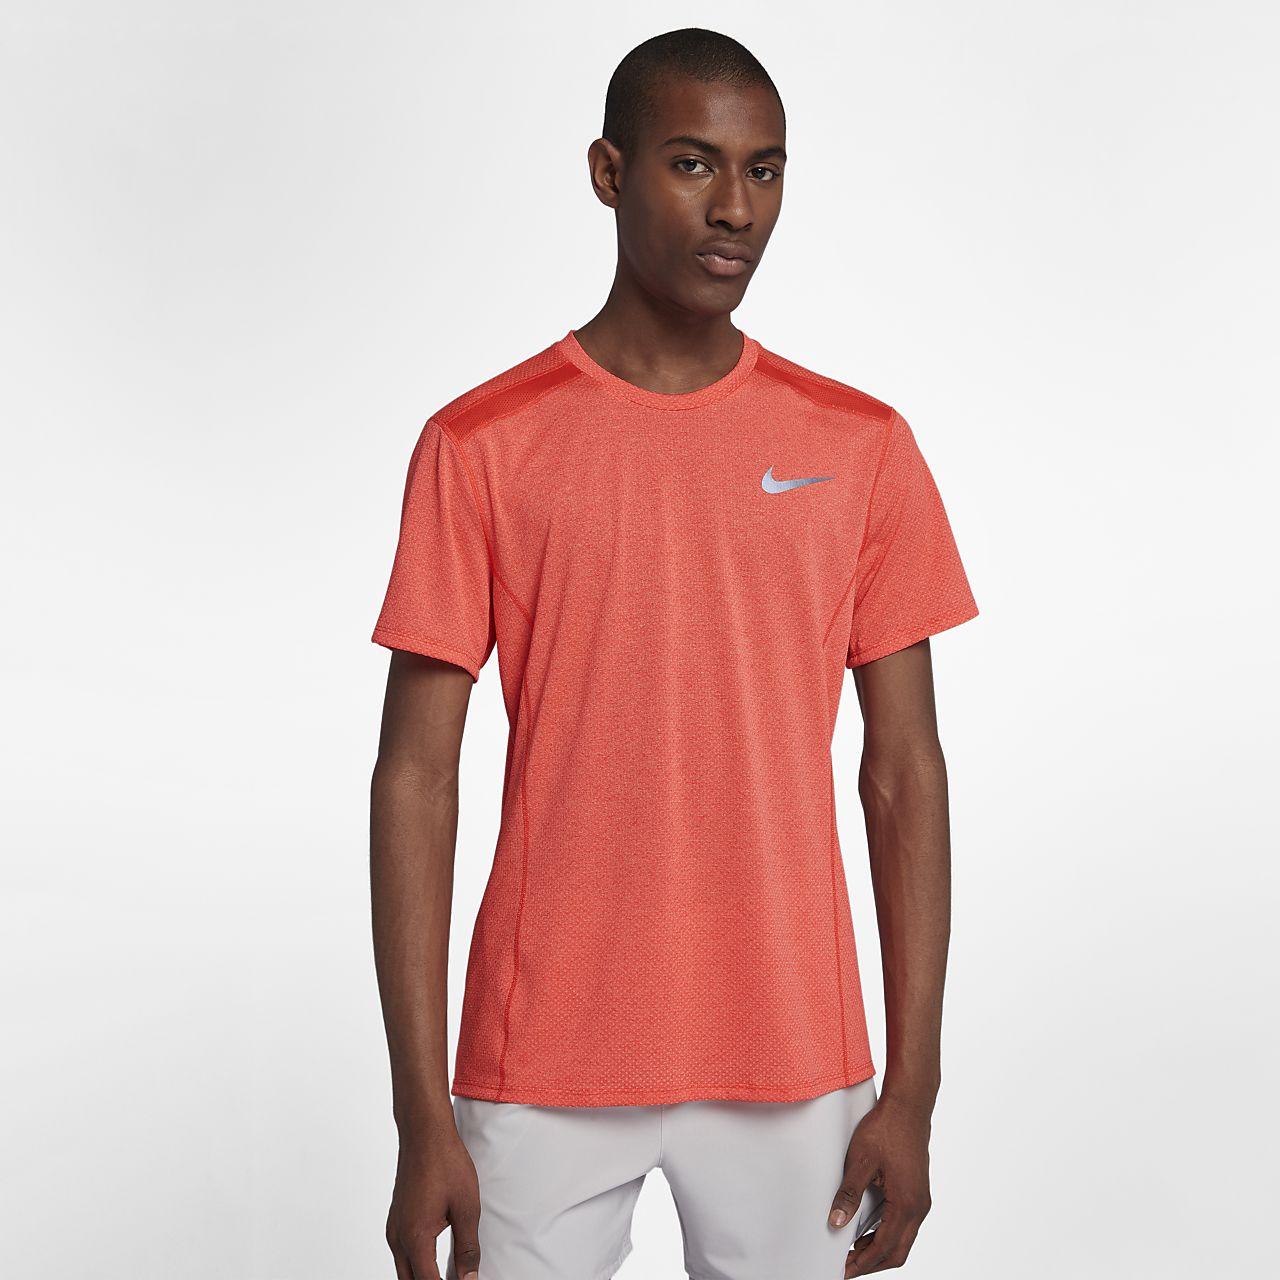 Haut de running à manches courtes Nike Dri-FIT Miler Cool pour Homme